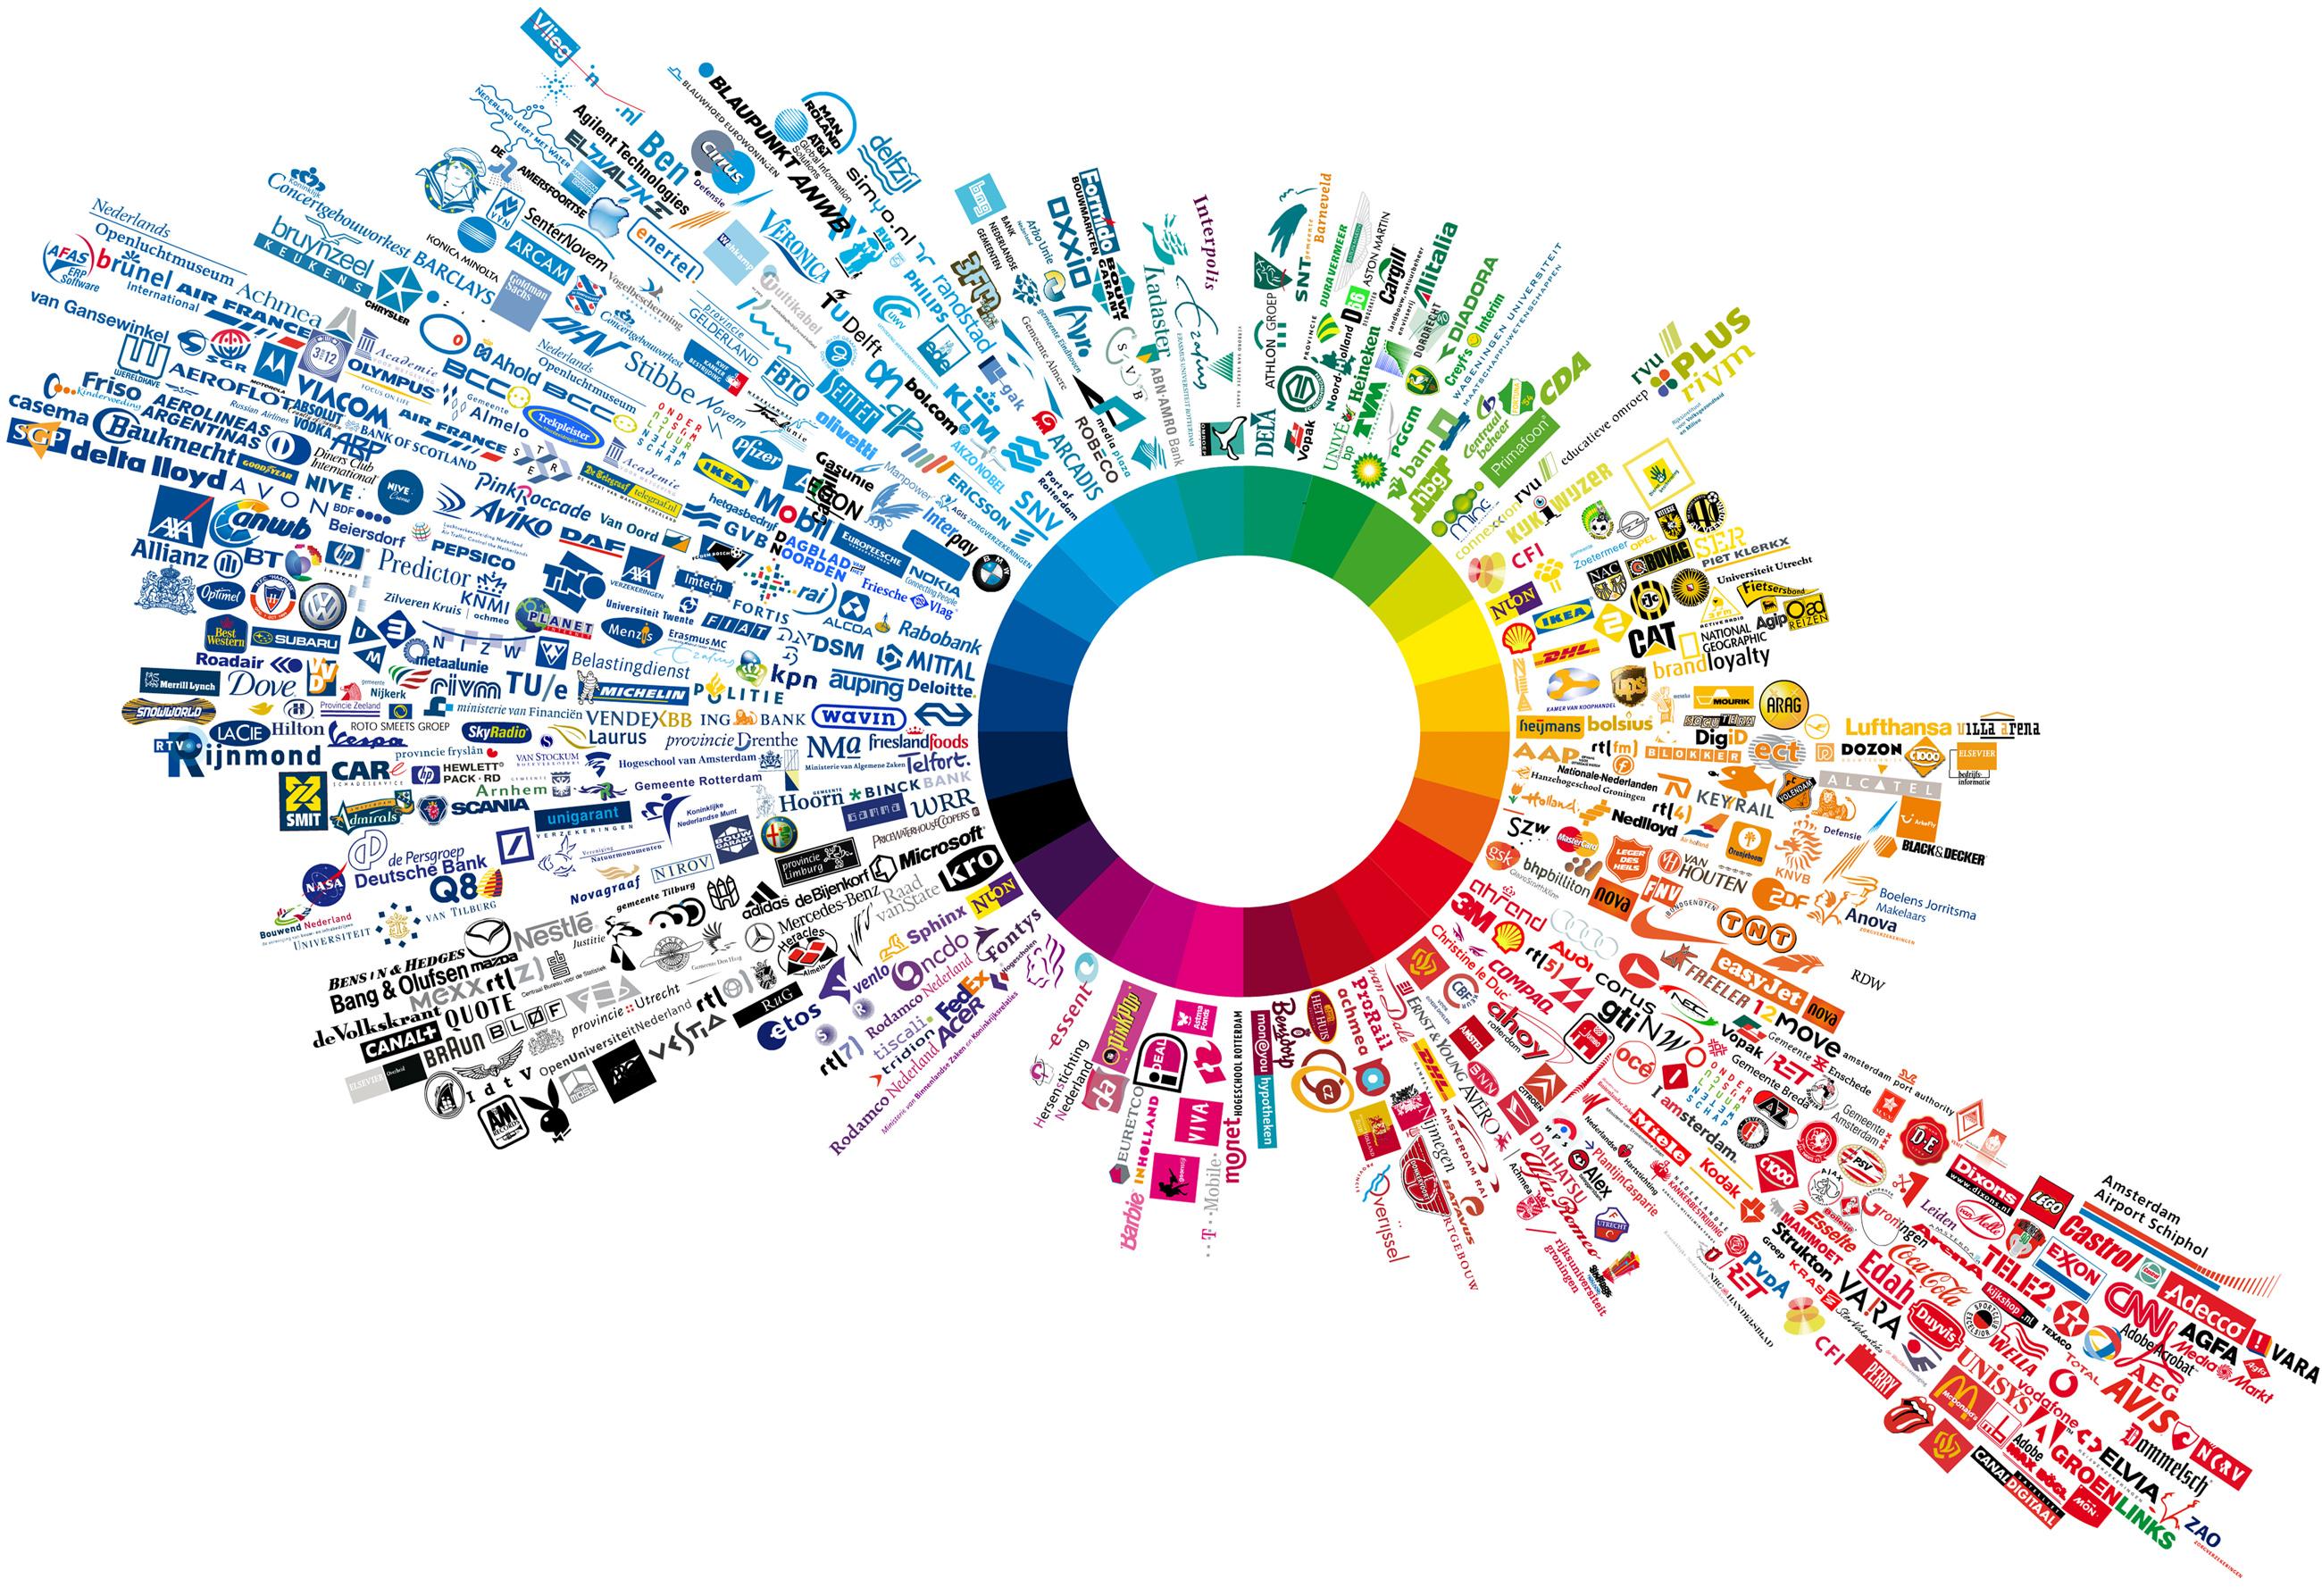 视觉社交网络将成为下一个潮流